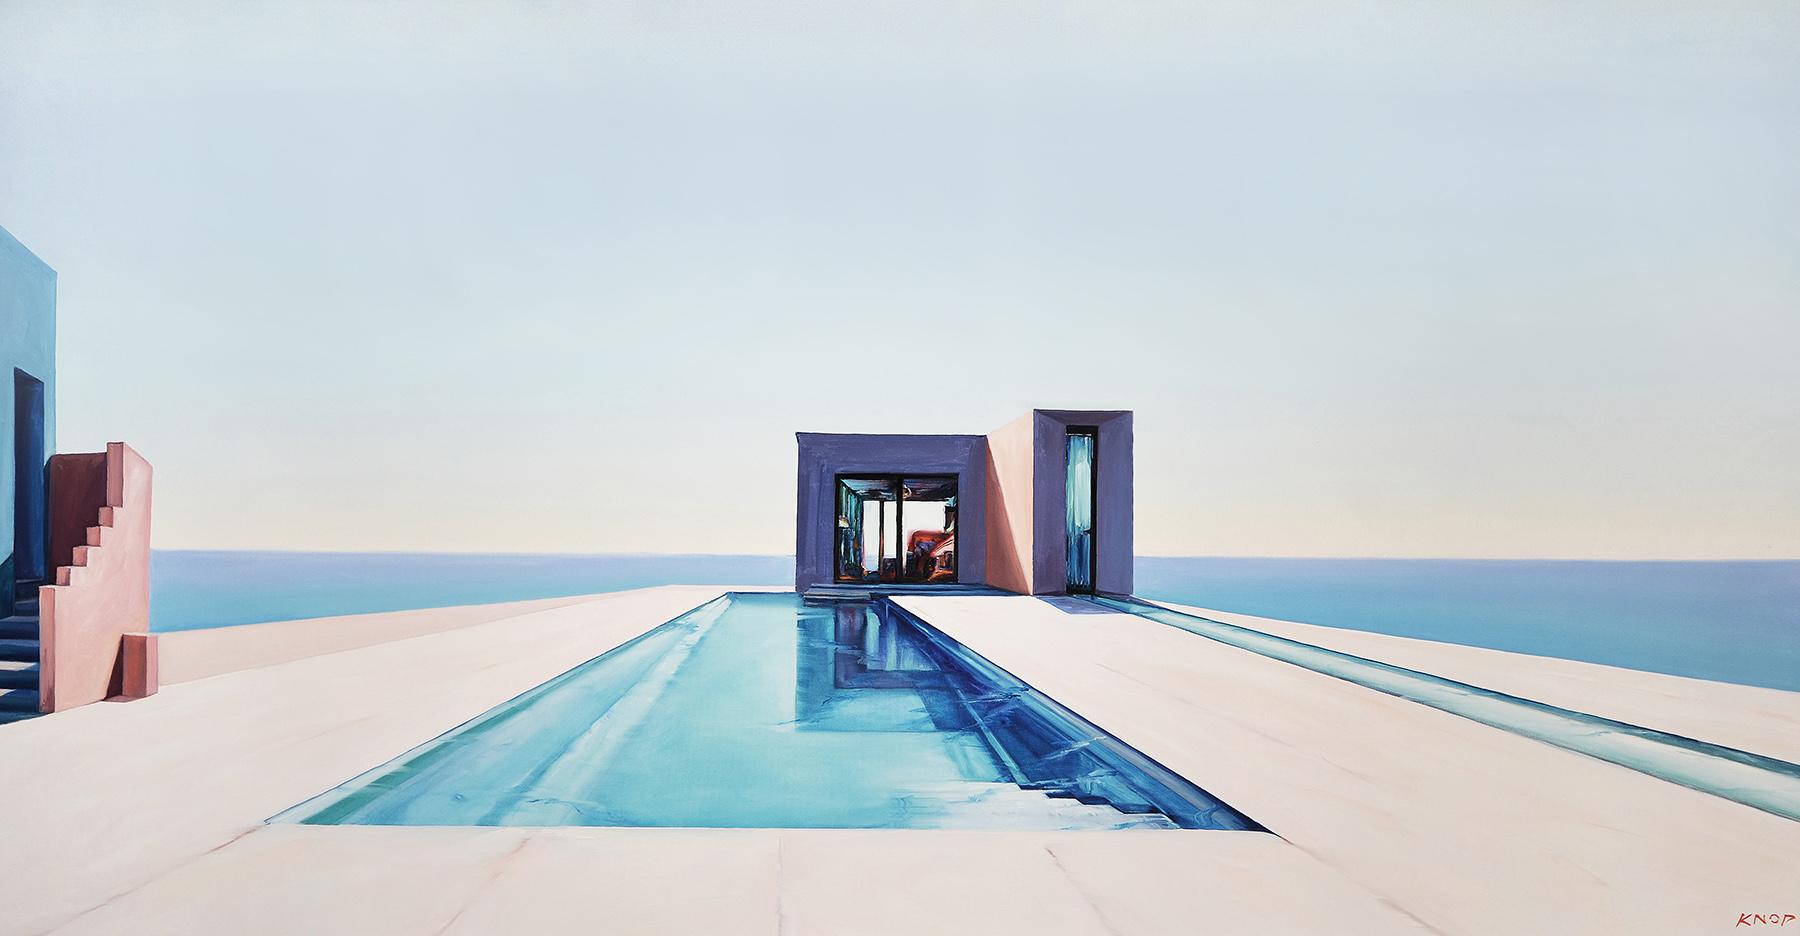 EAV XXI 07 Swimming Pool, 2021, 180x100 cm